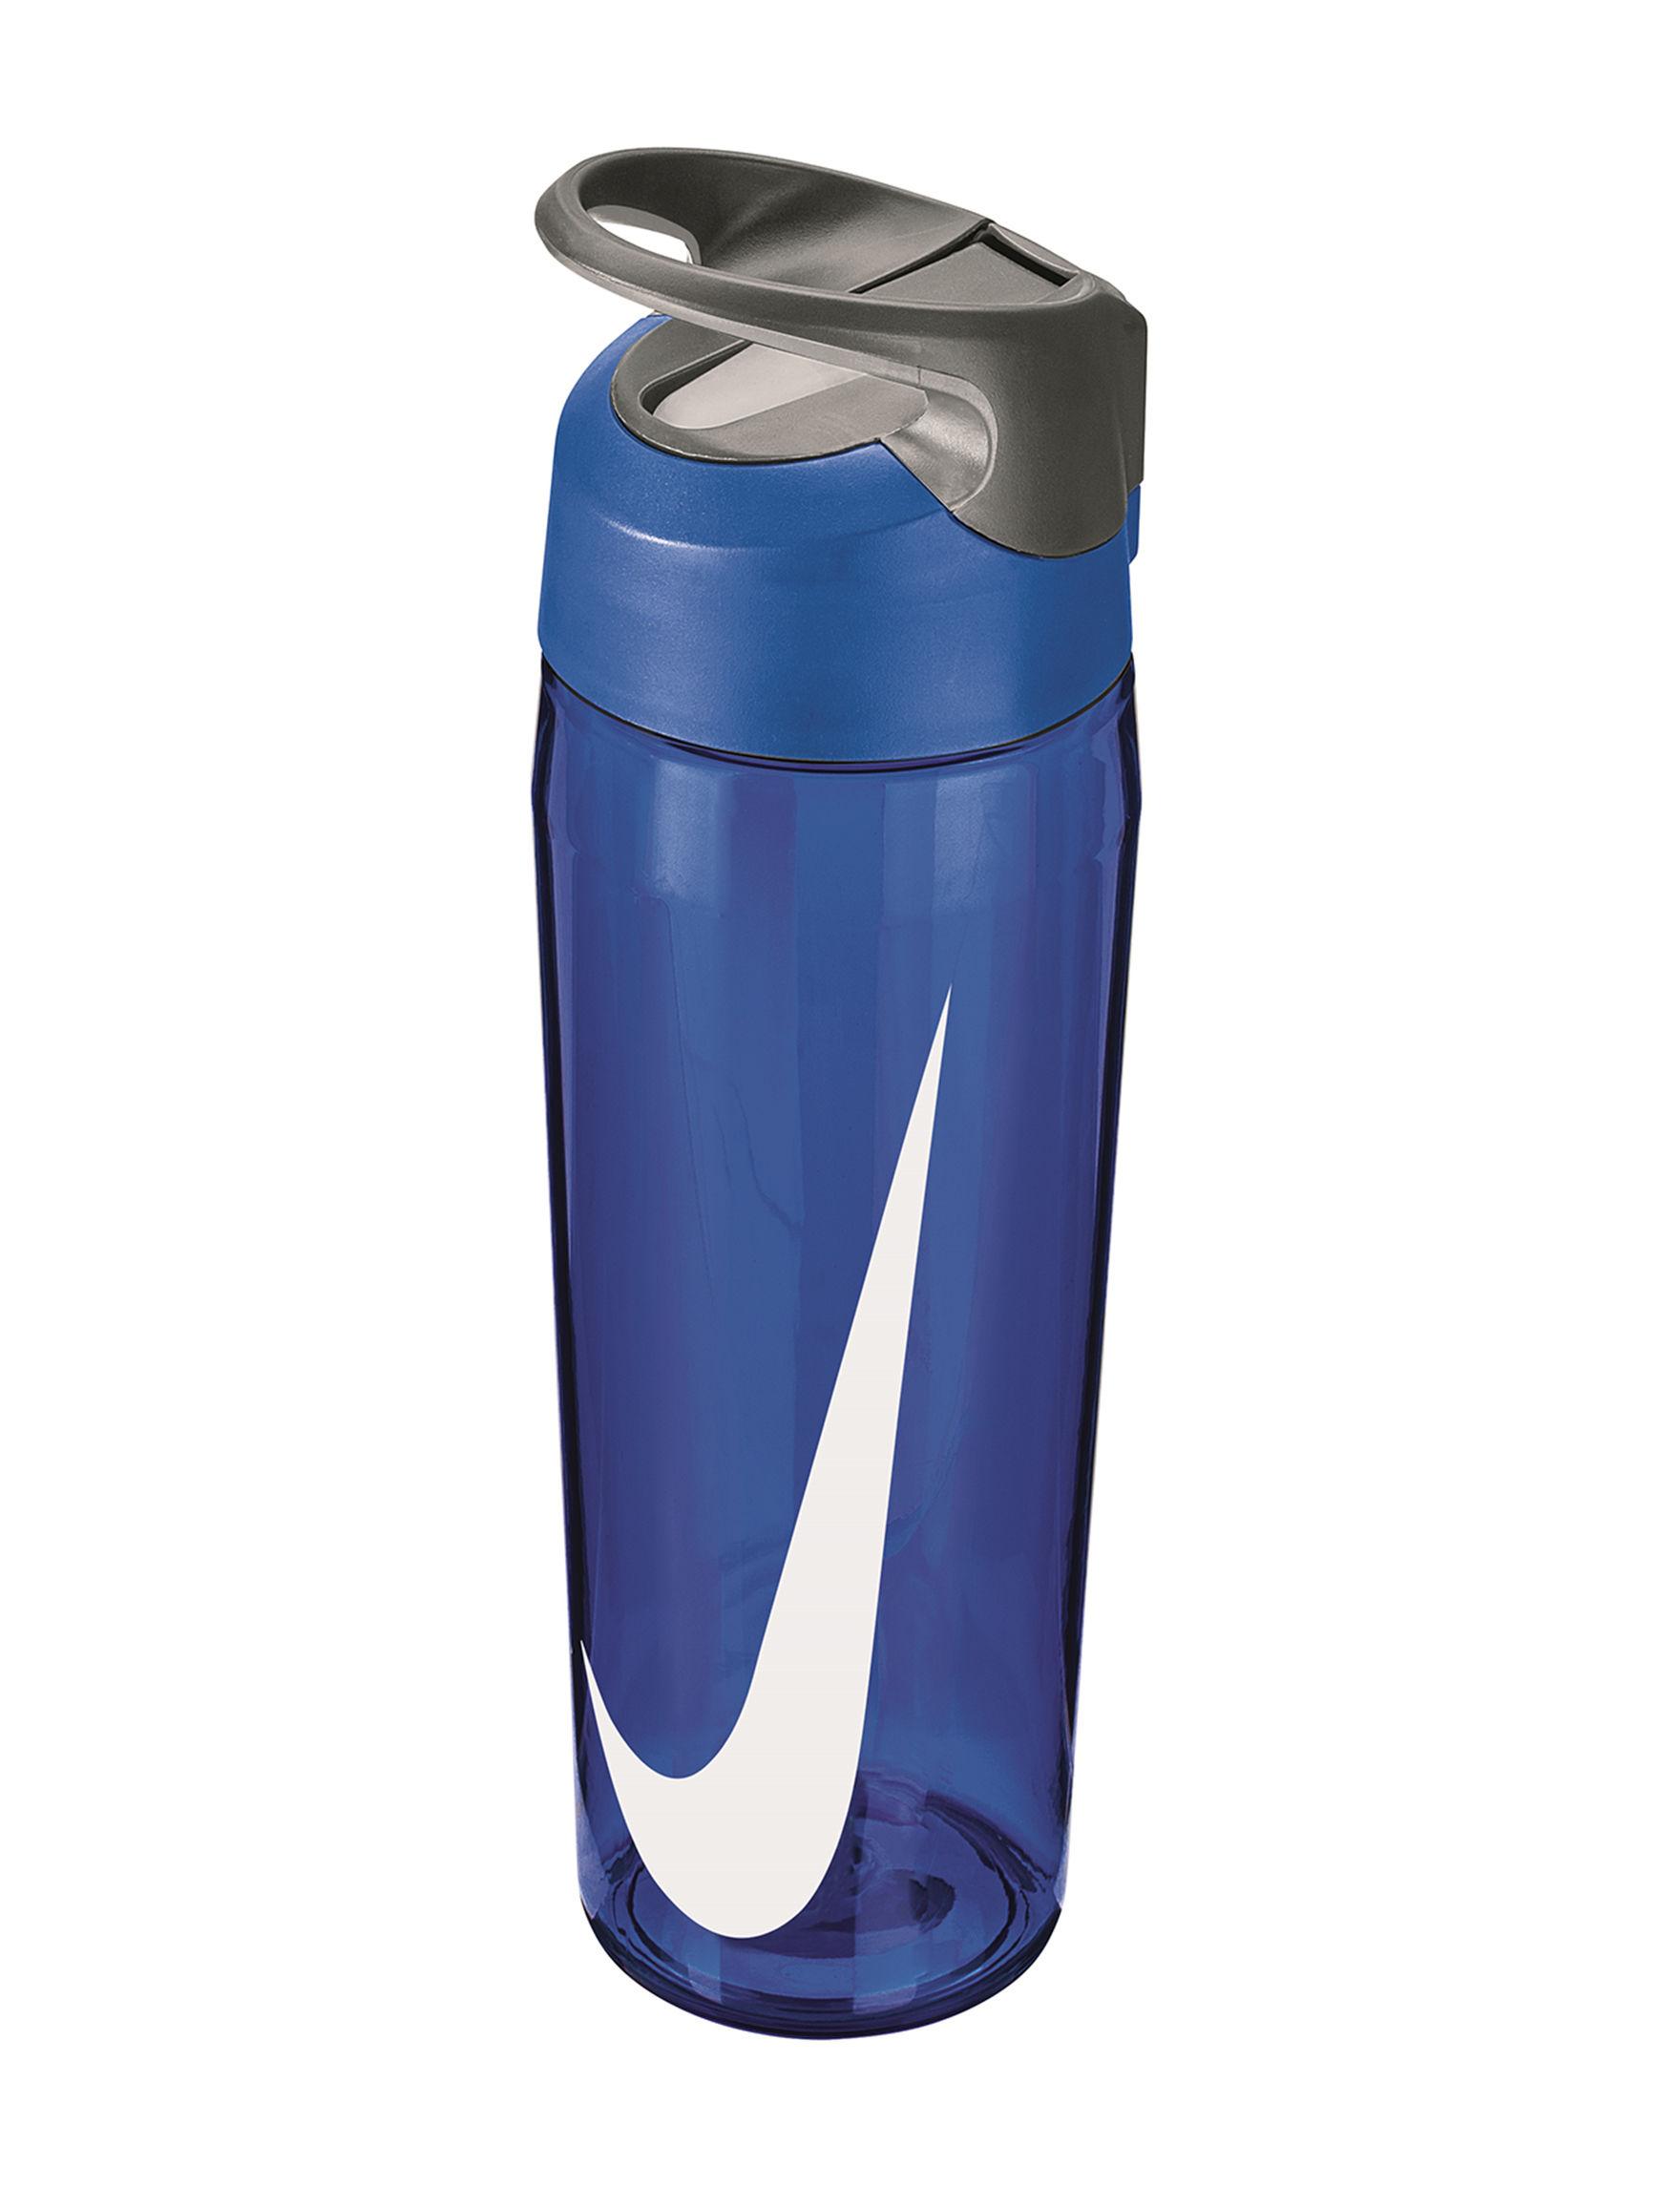 Nike Royal Blue Water Bottles Drinkware